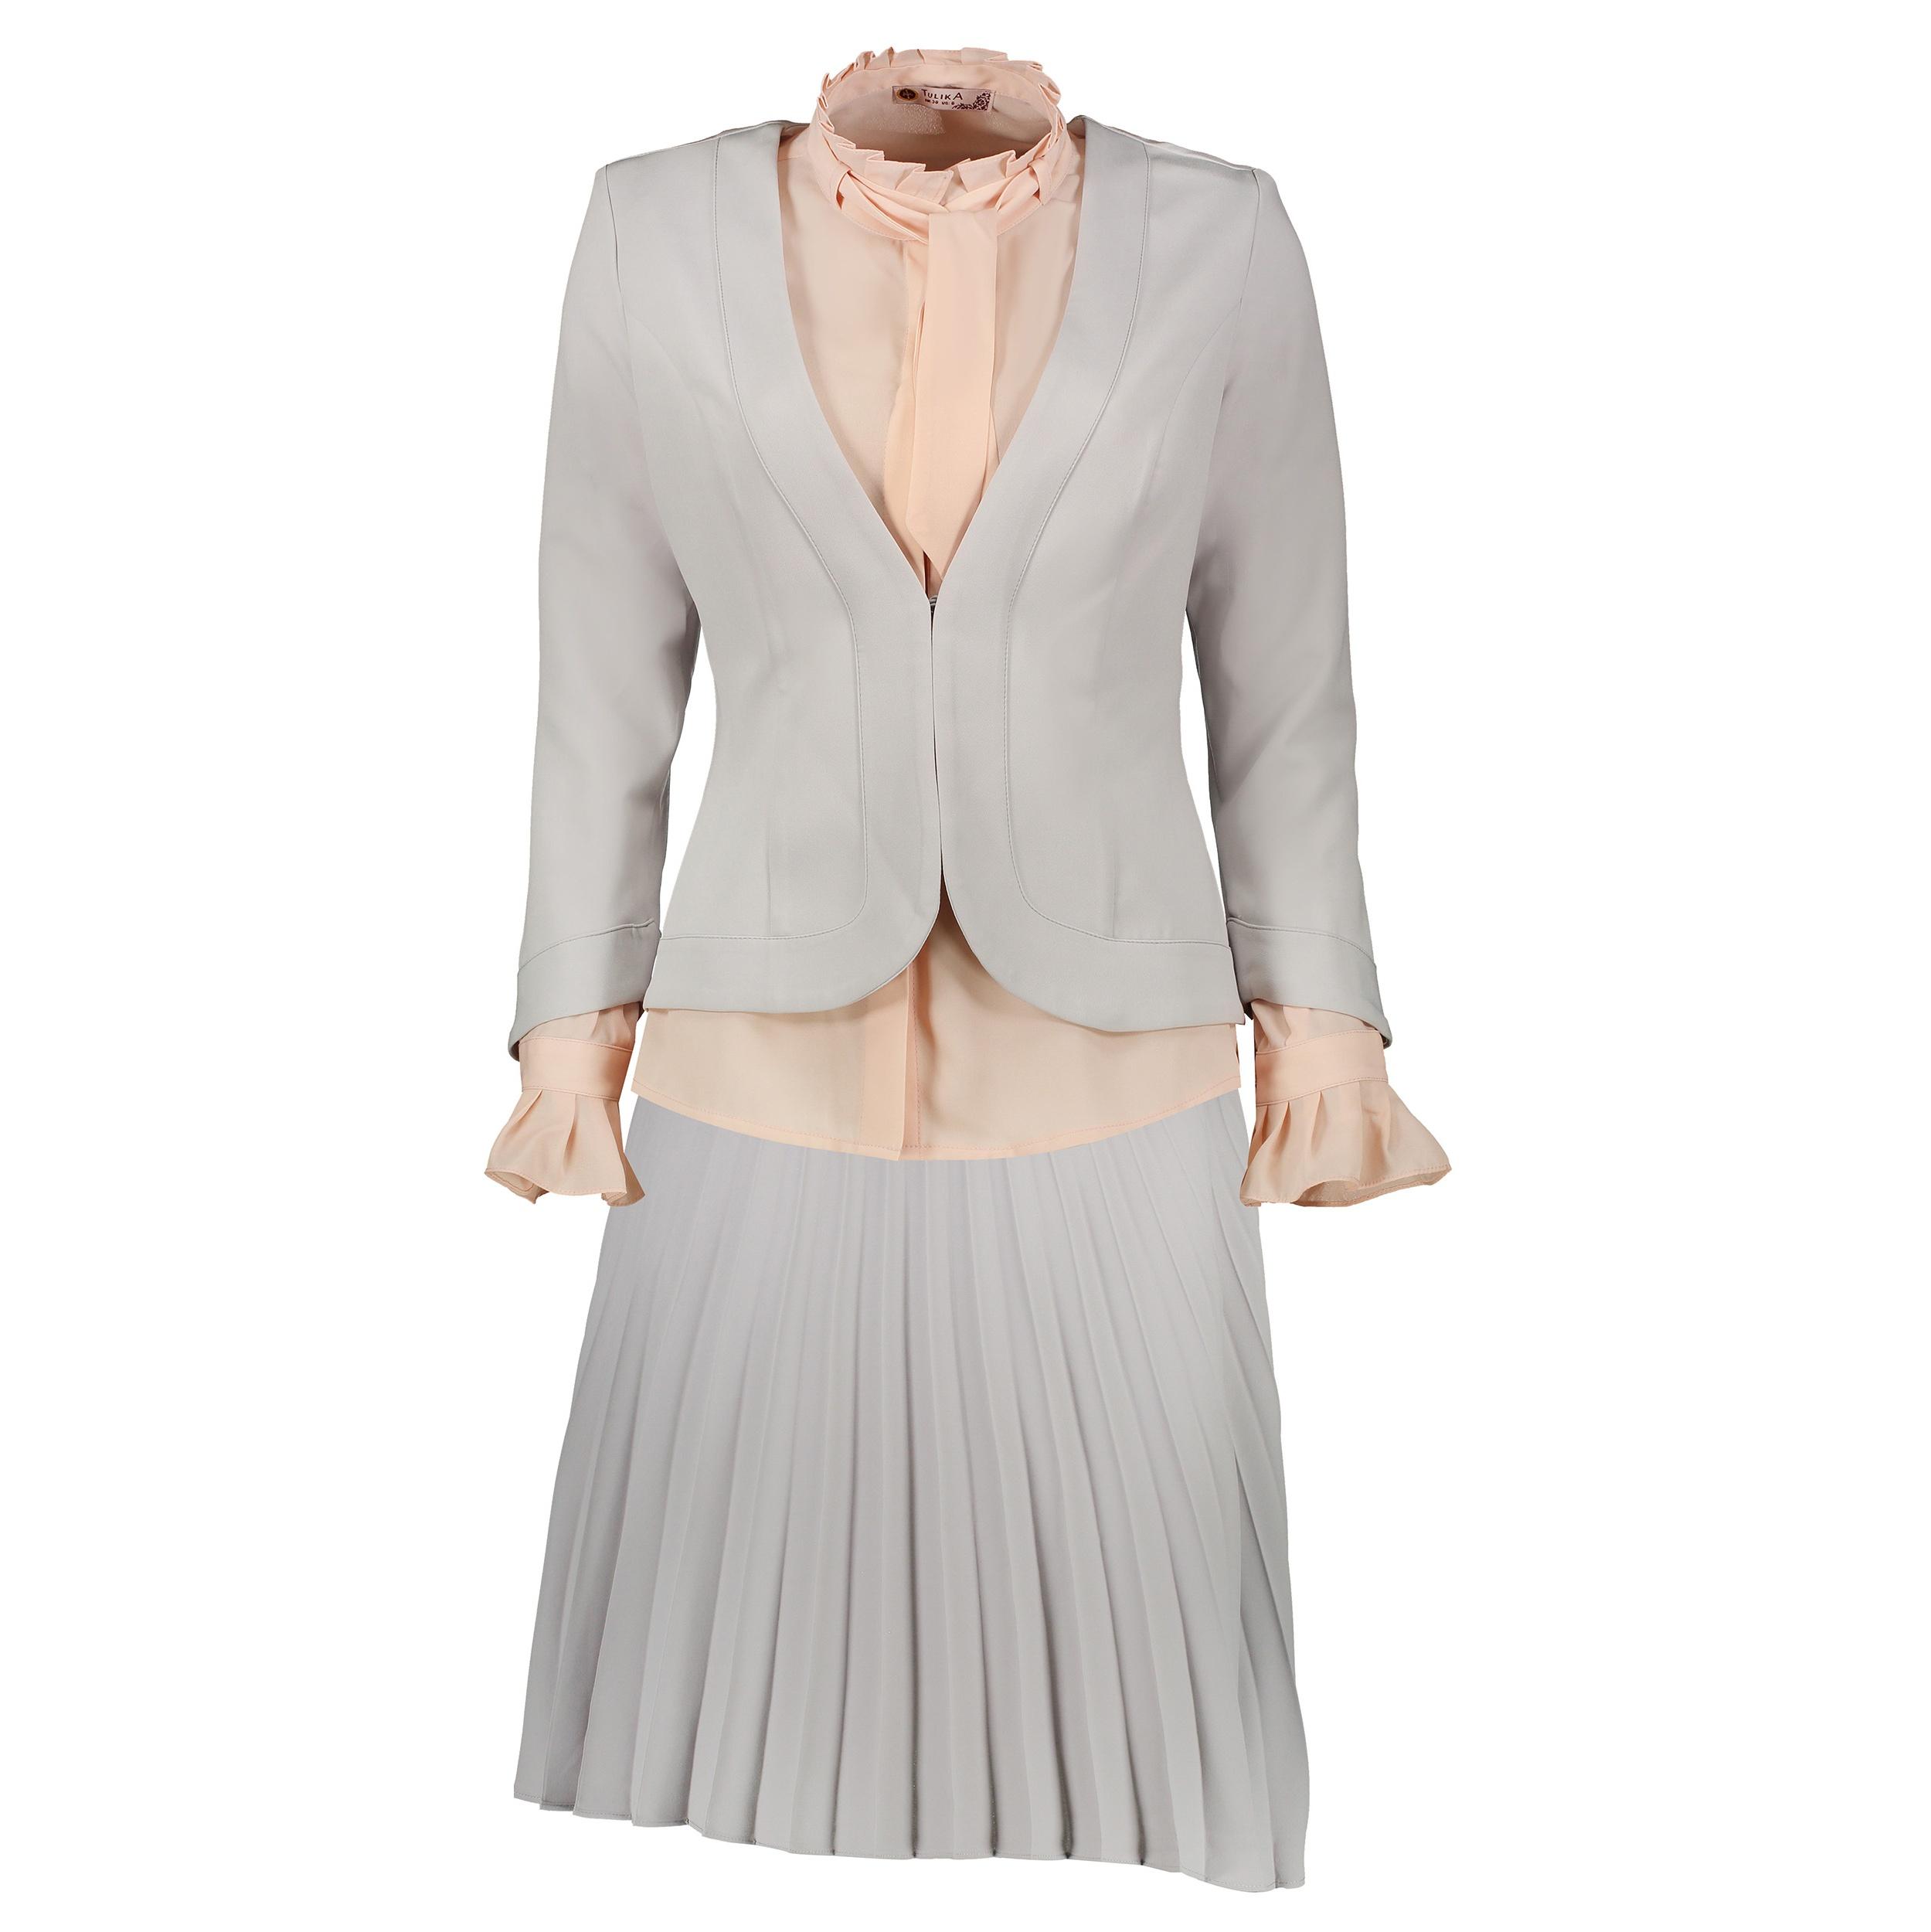 ست 3 تکه لباس زنانه تولیکا کد 4147201